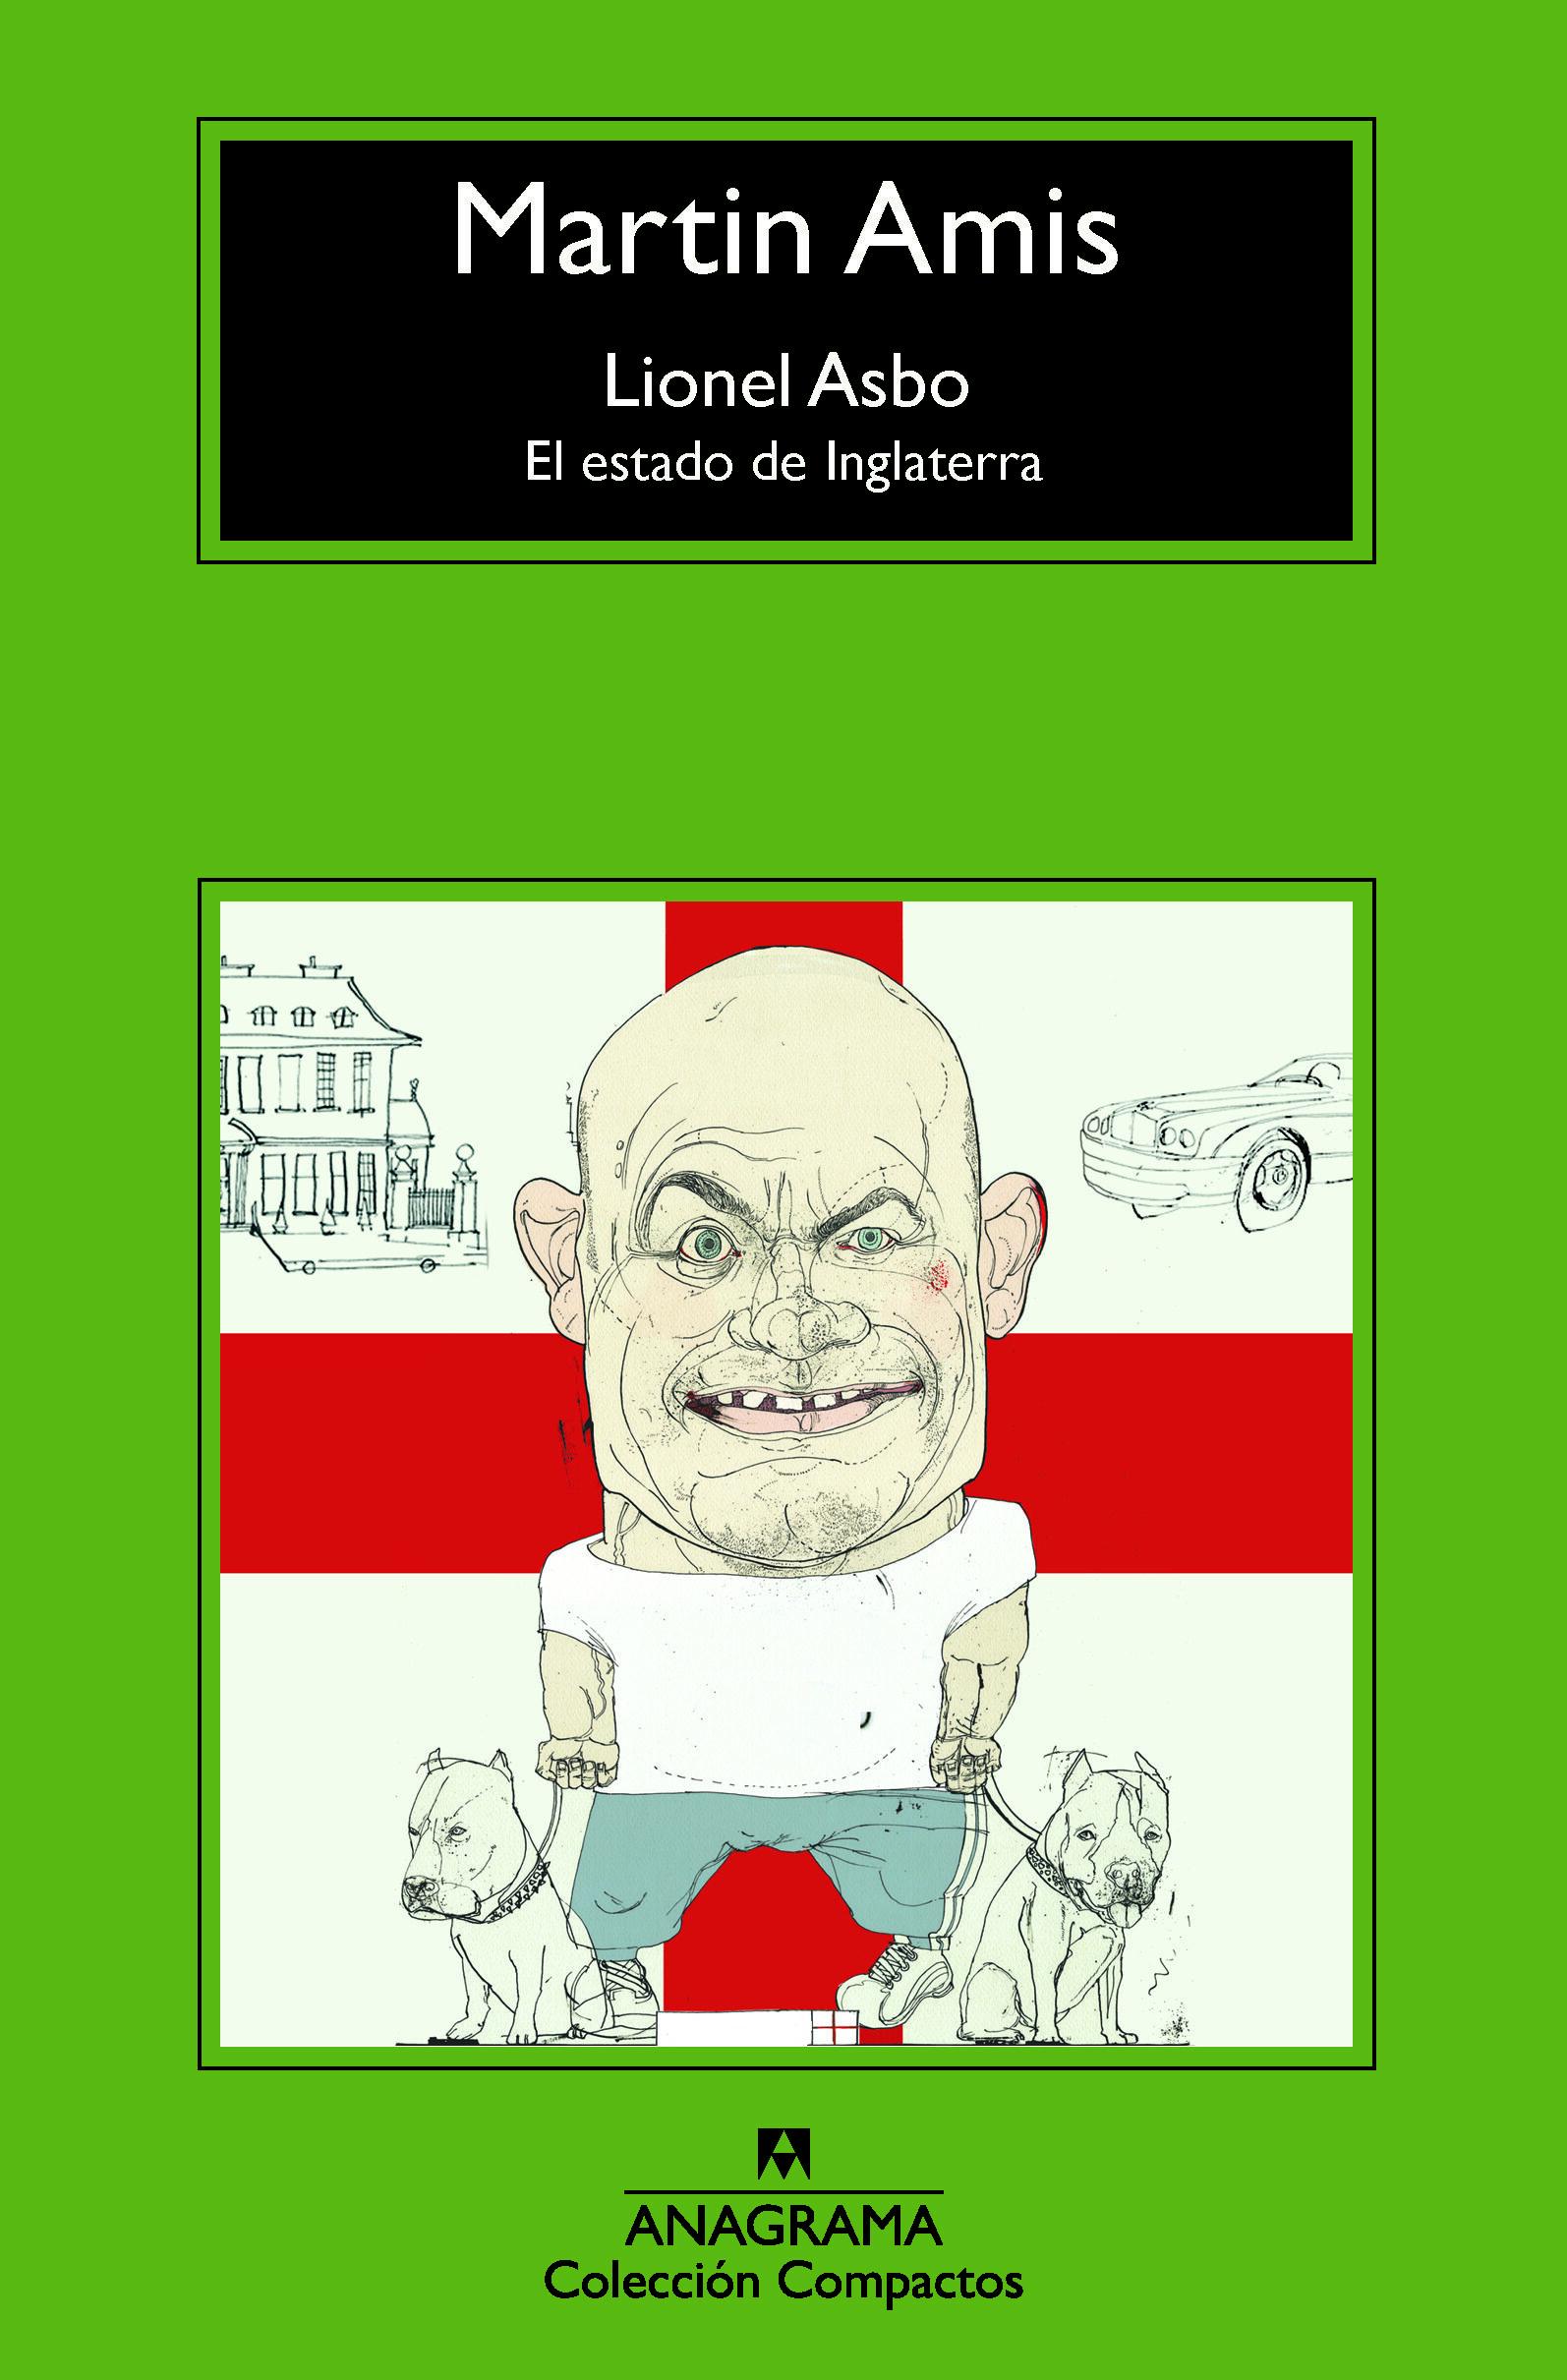 Literatura de cloaca, novelistas malditos (Bunker, Crews, Pollock...) - Página 10 9788433977731